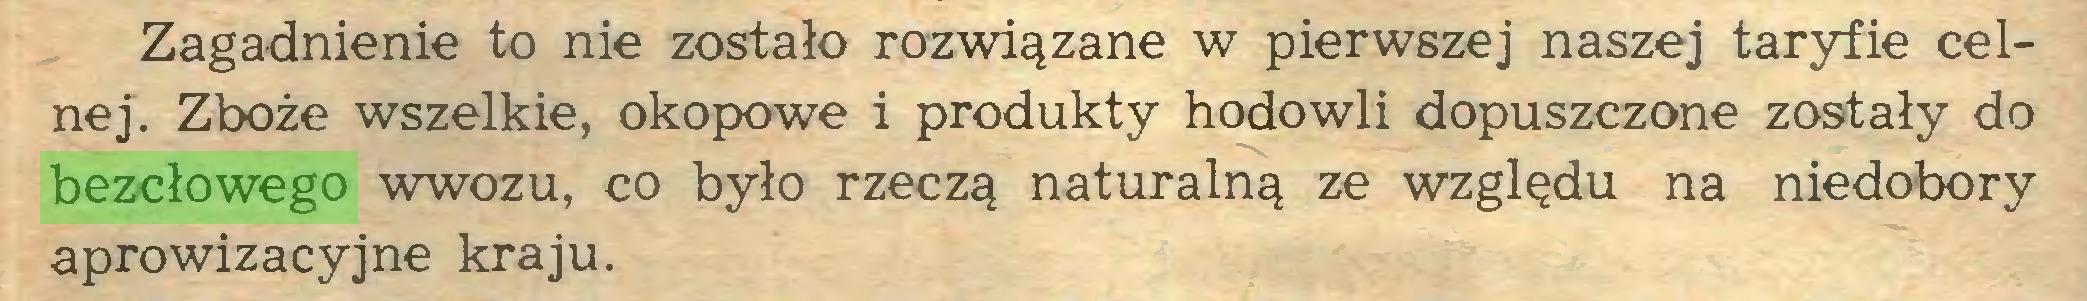 (...) Zagadnienie to nie zostało rozwiązane w pierwszej naszej taryfie celnej. Zboże wszelkie, okopowe i produkty hodowli dopuszczone zostały do bezcłowego wwozu, co było rzeczą naturalną ze względu na niedobory aprowizacyjne kraju...